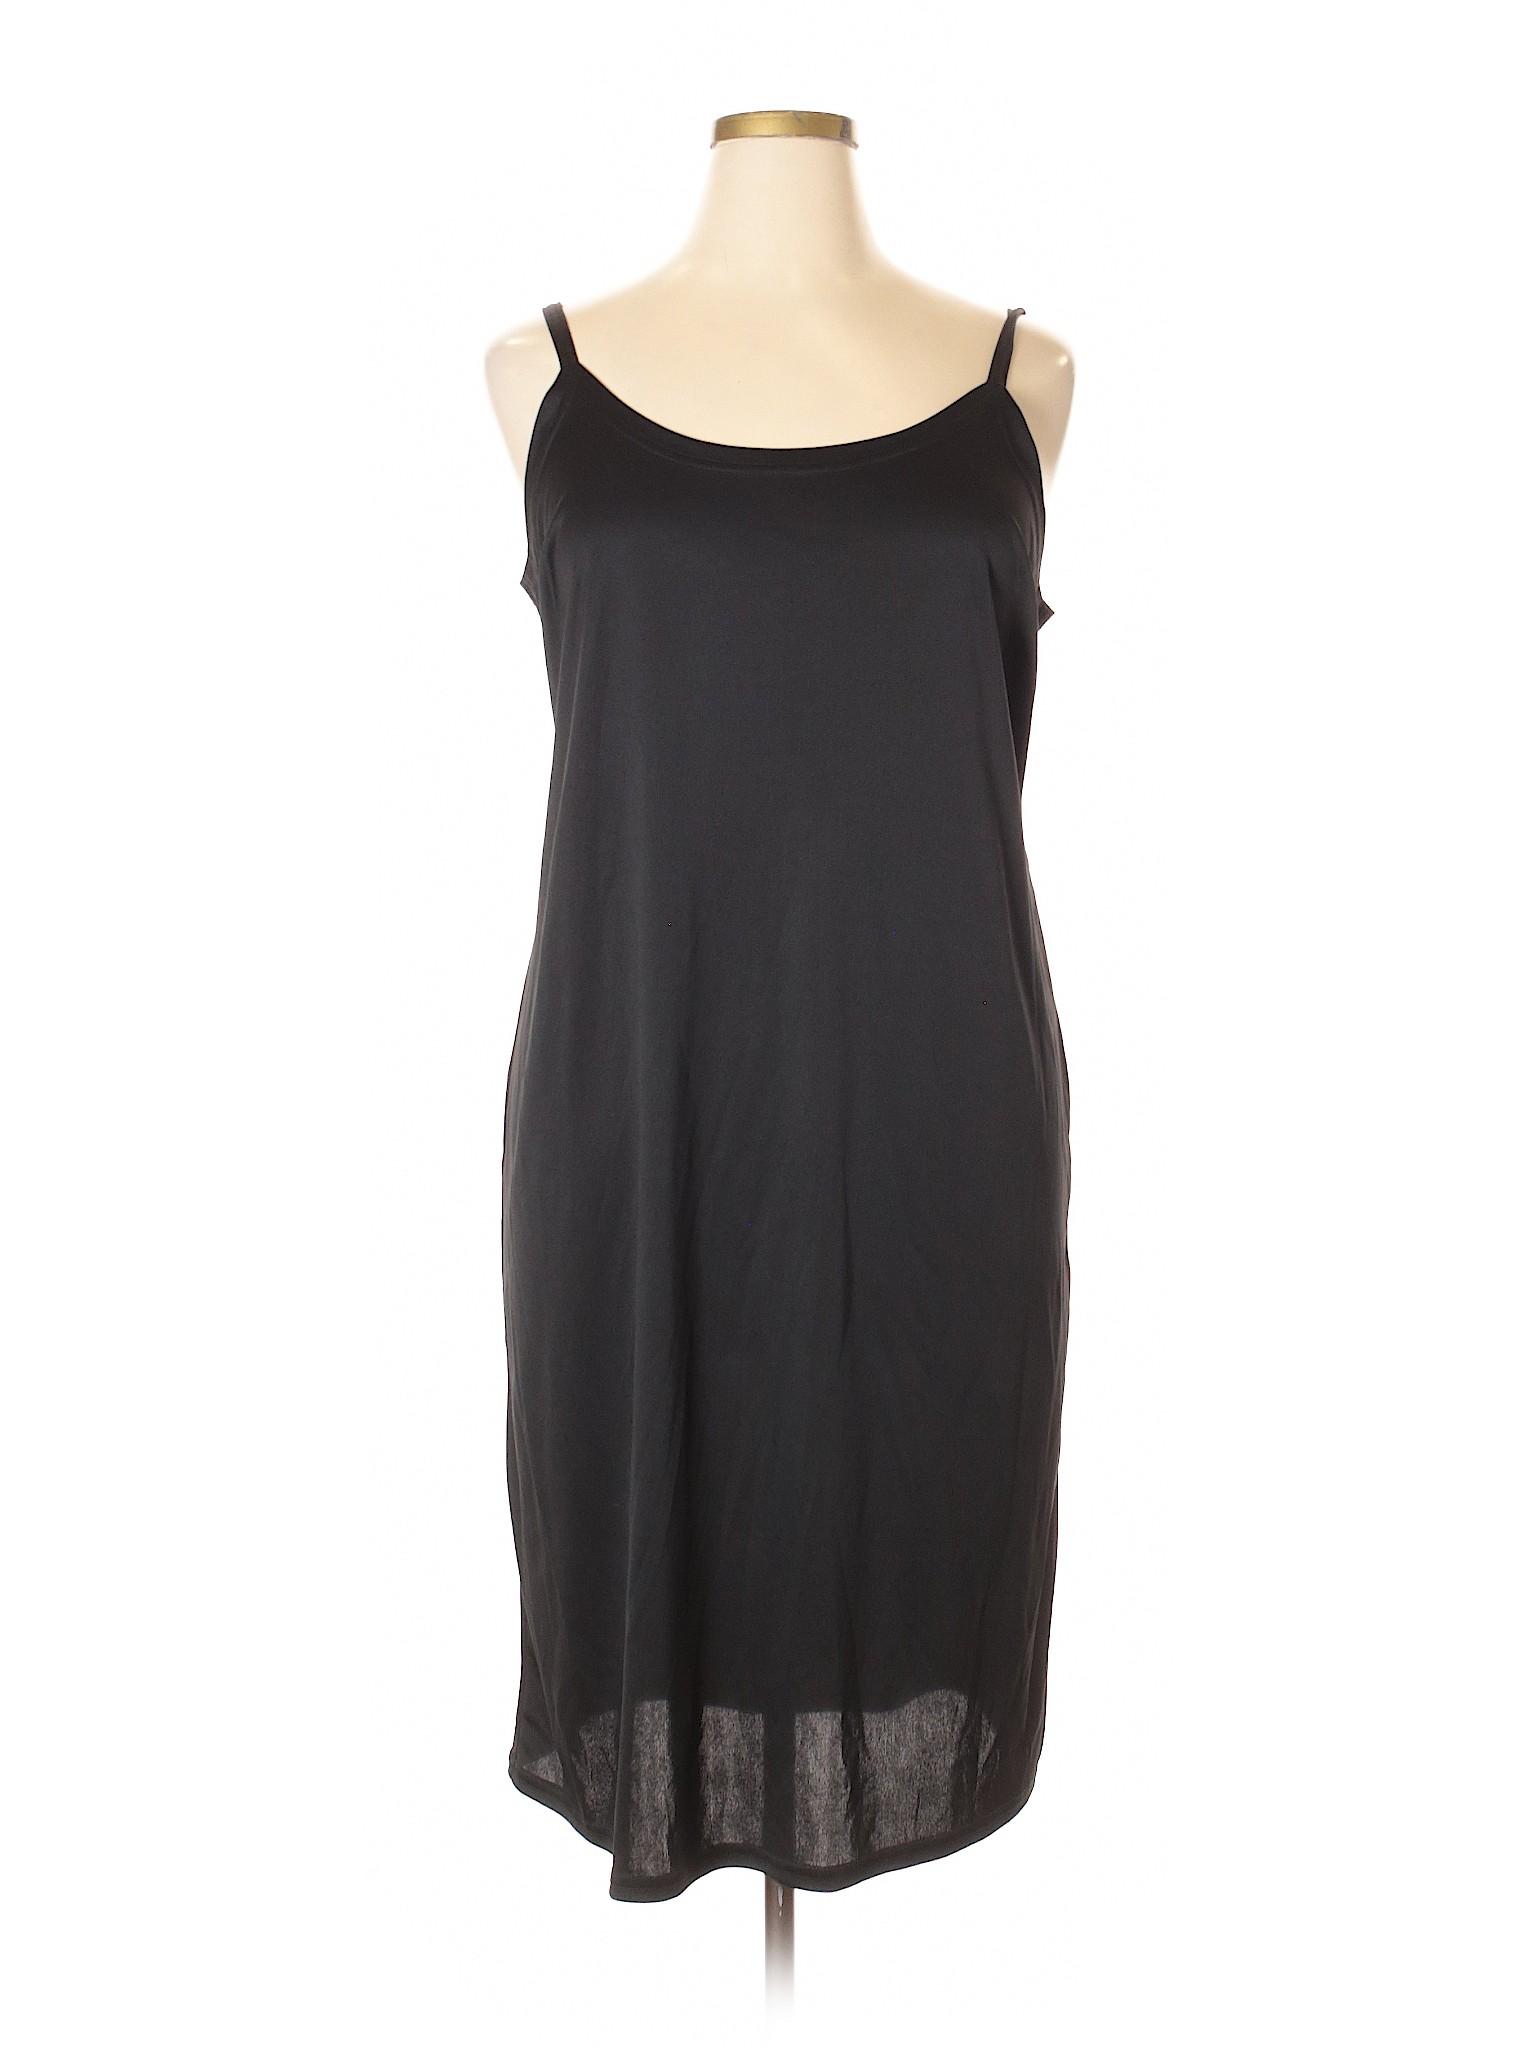 Fashion Casual Boutique Dress Bug winter 5wWaCtqB